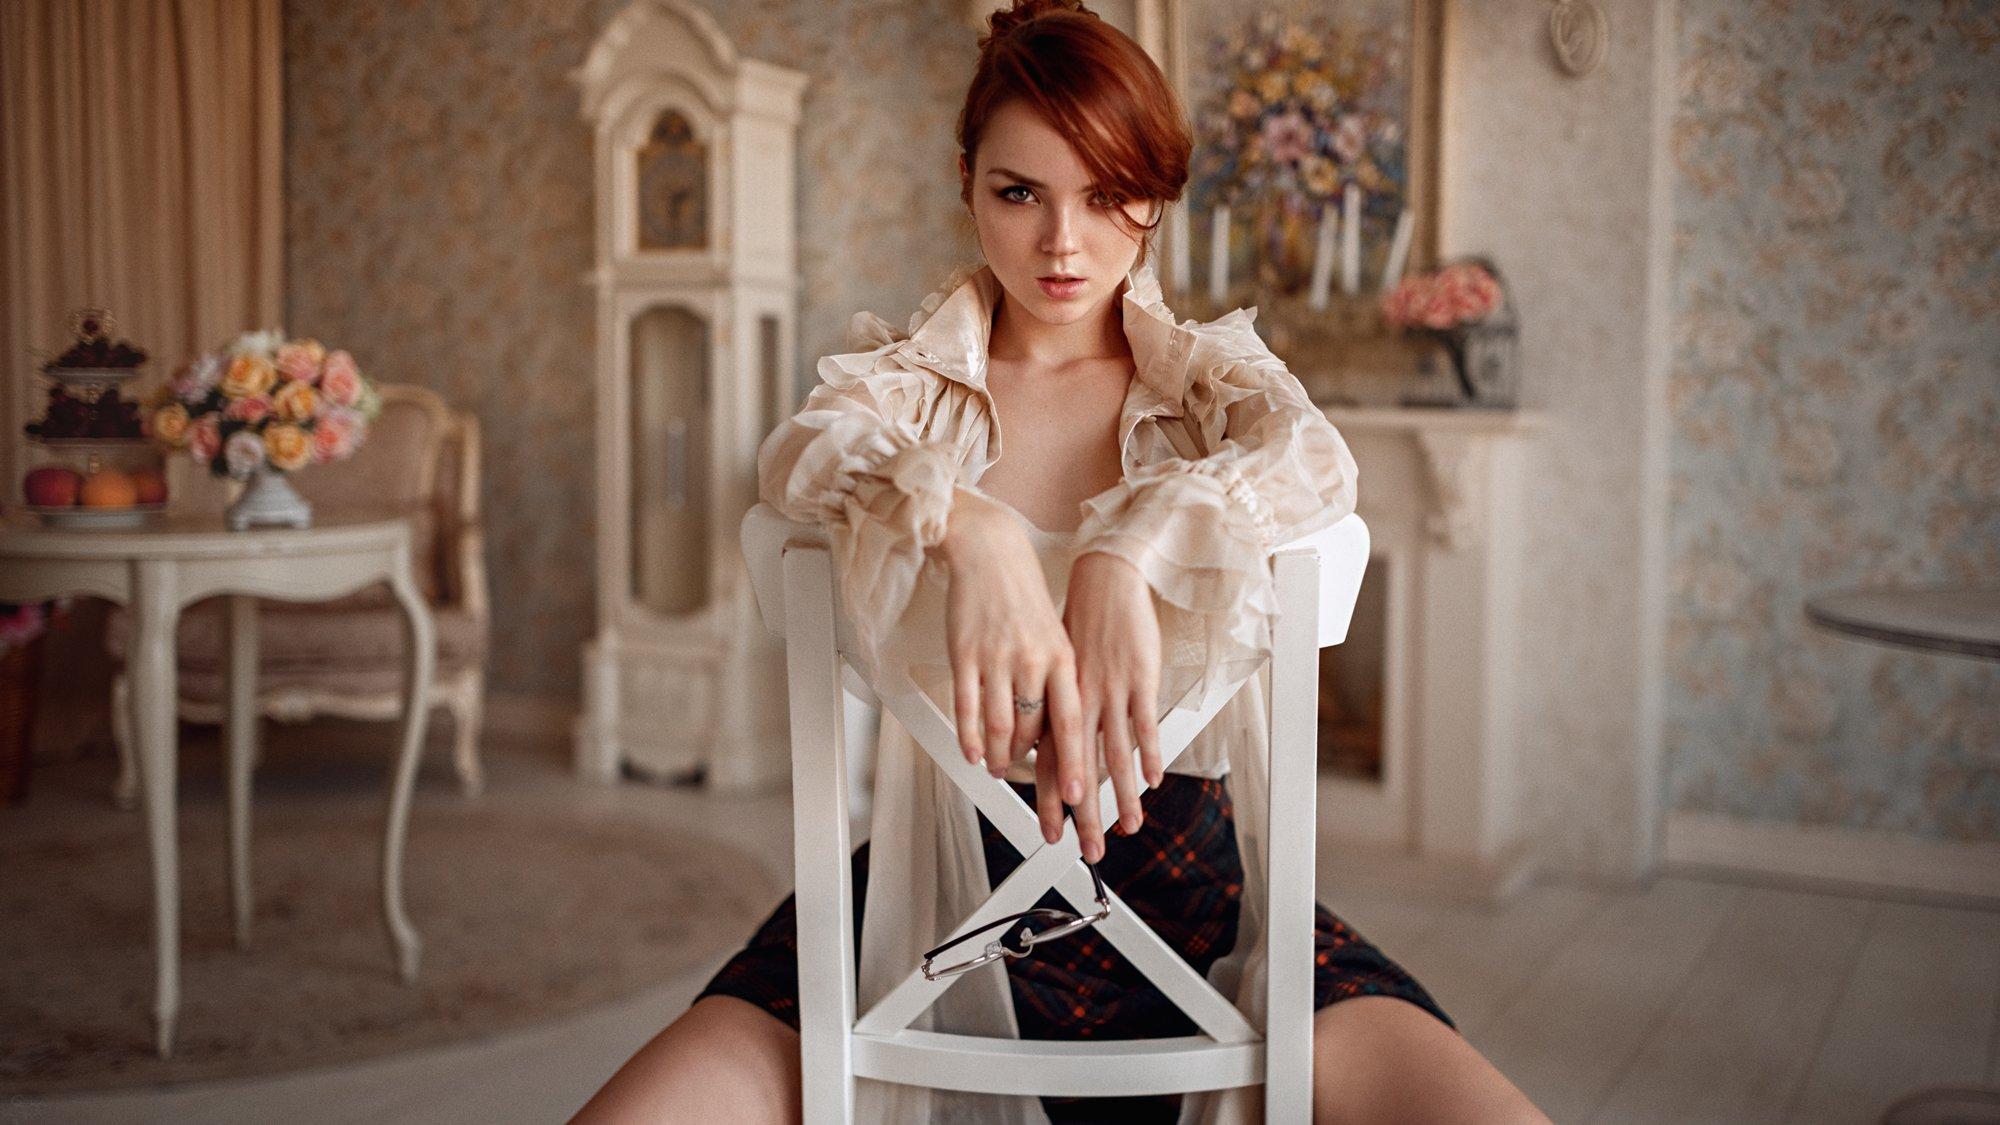 гламур, портрет, модель, арт, art, model, imwarrior, popular, Георгий Чернядьев